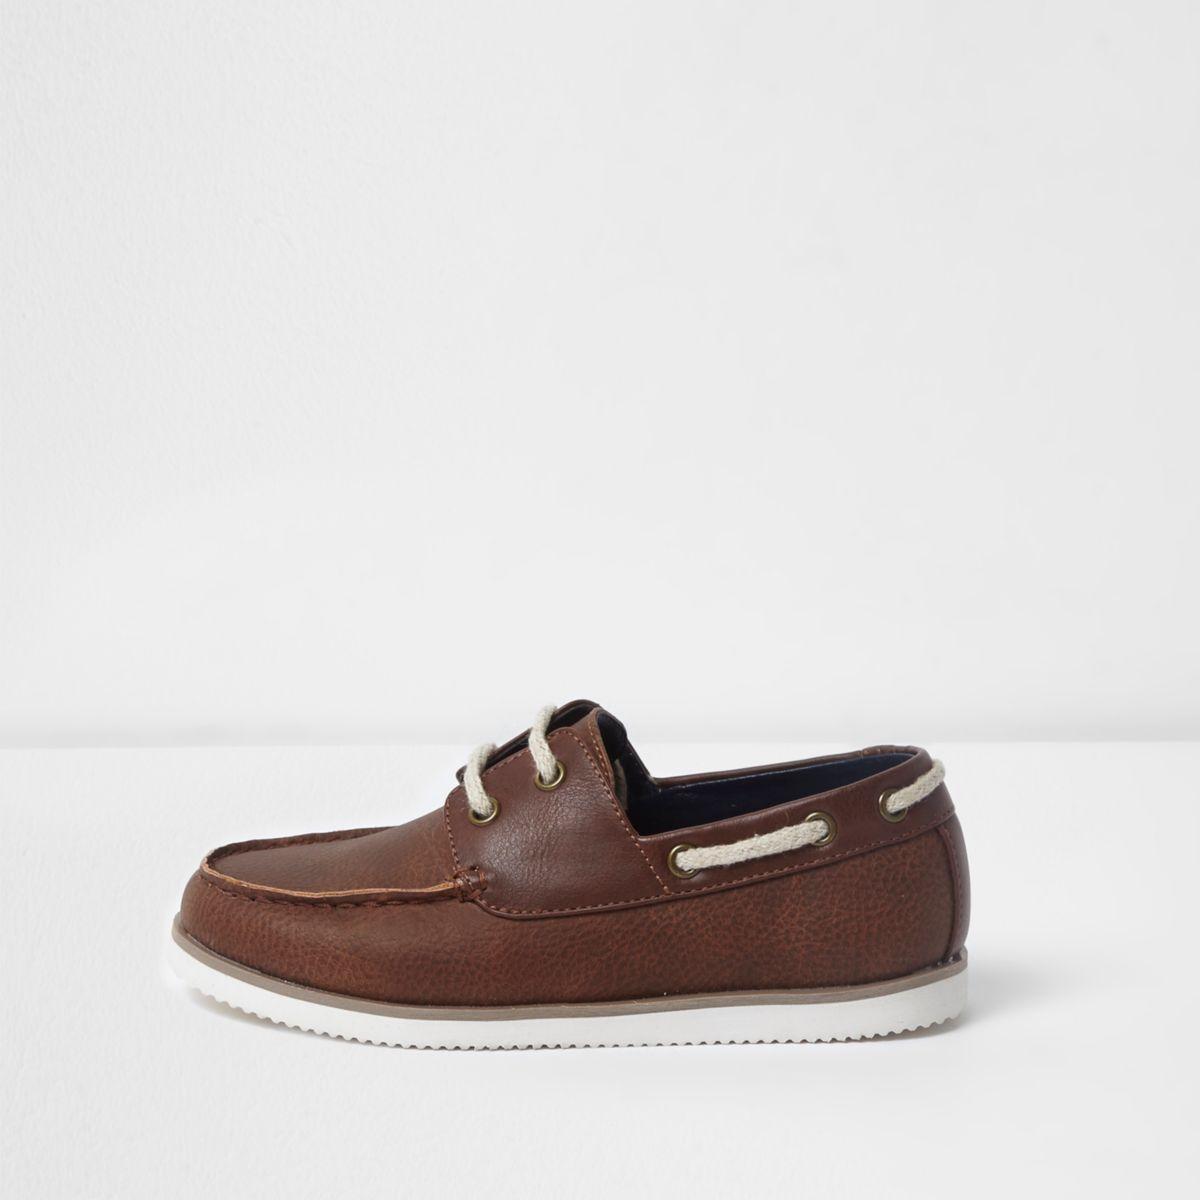 Chaussures bateau marron à lacets garçon